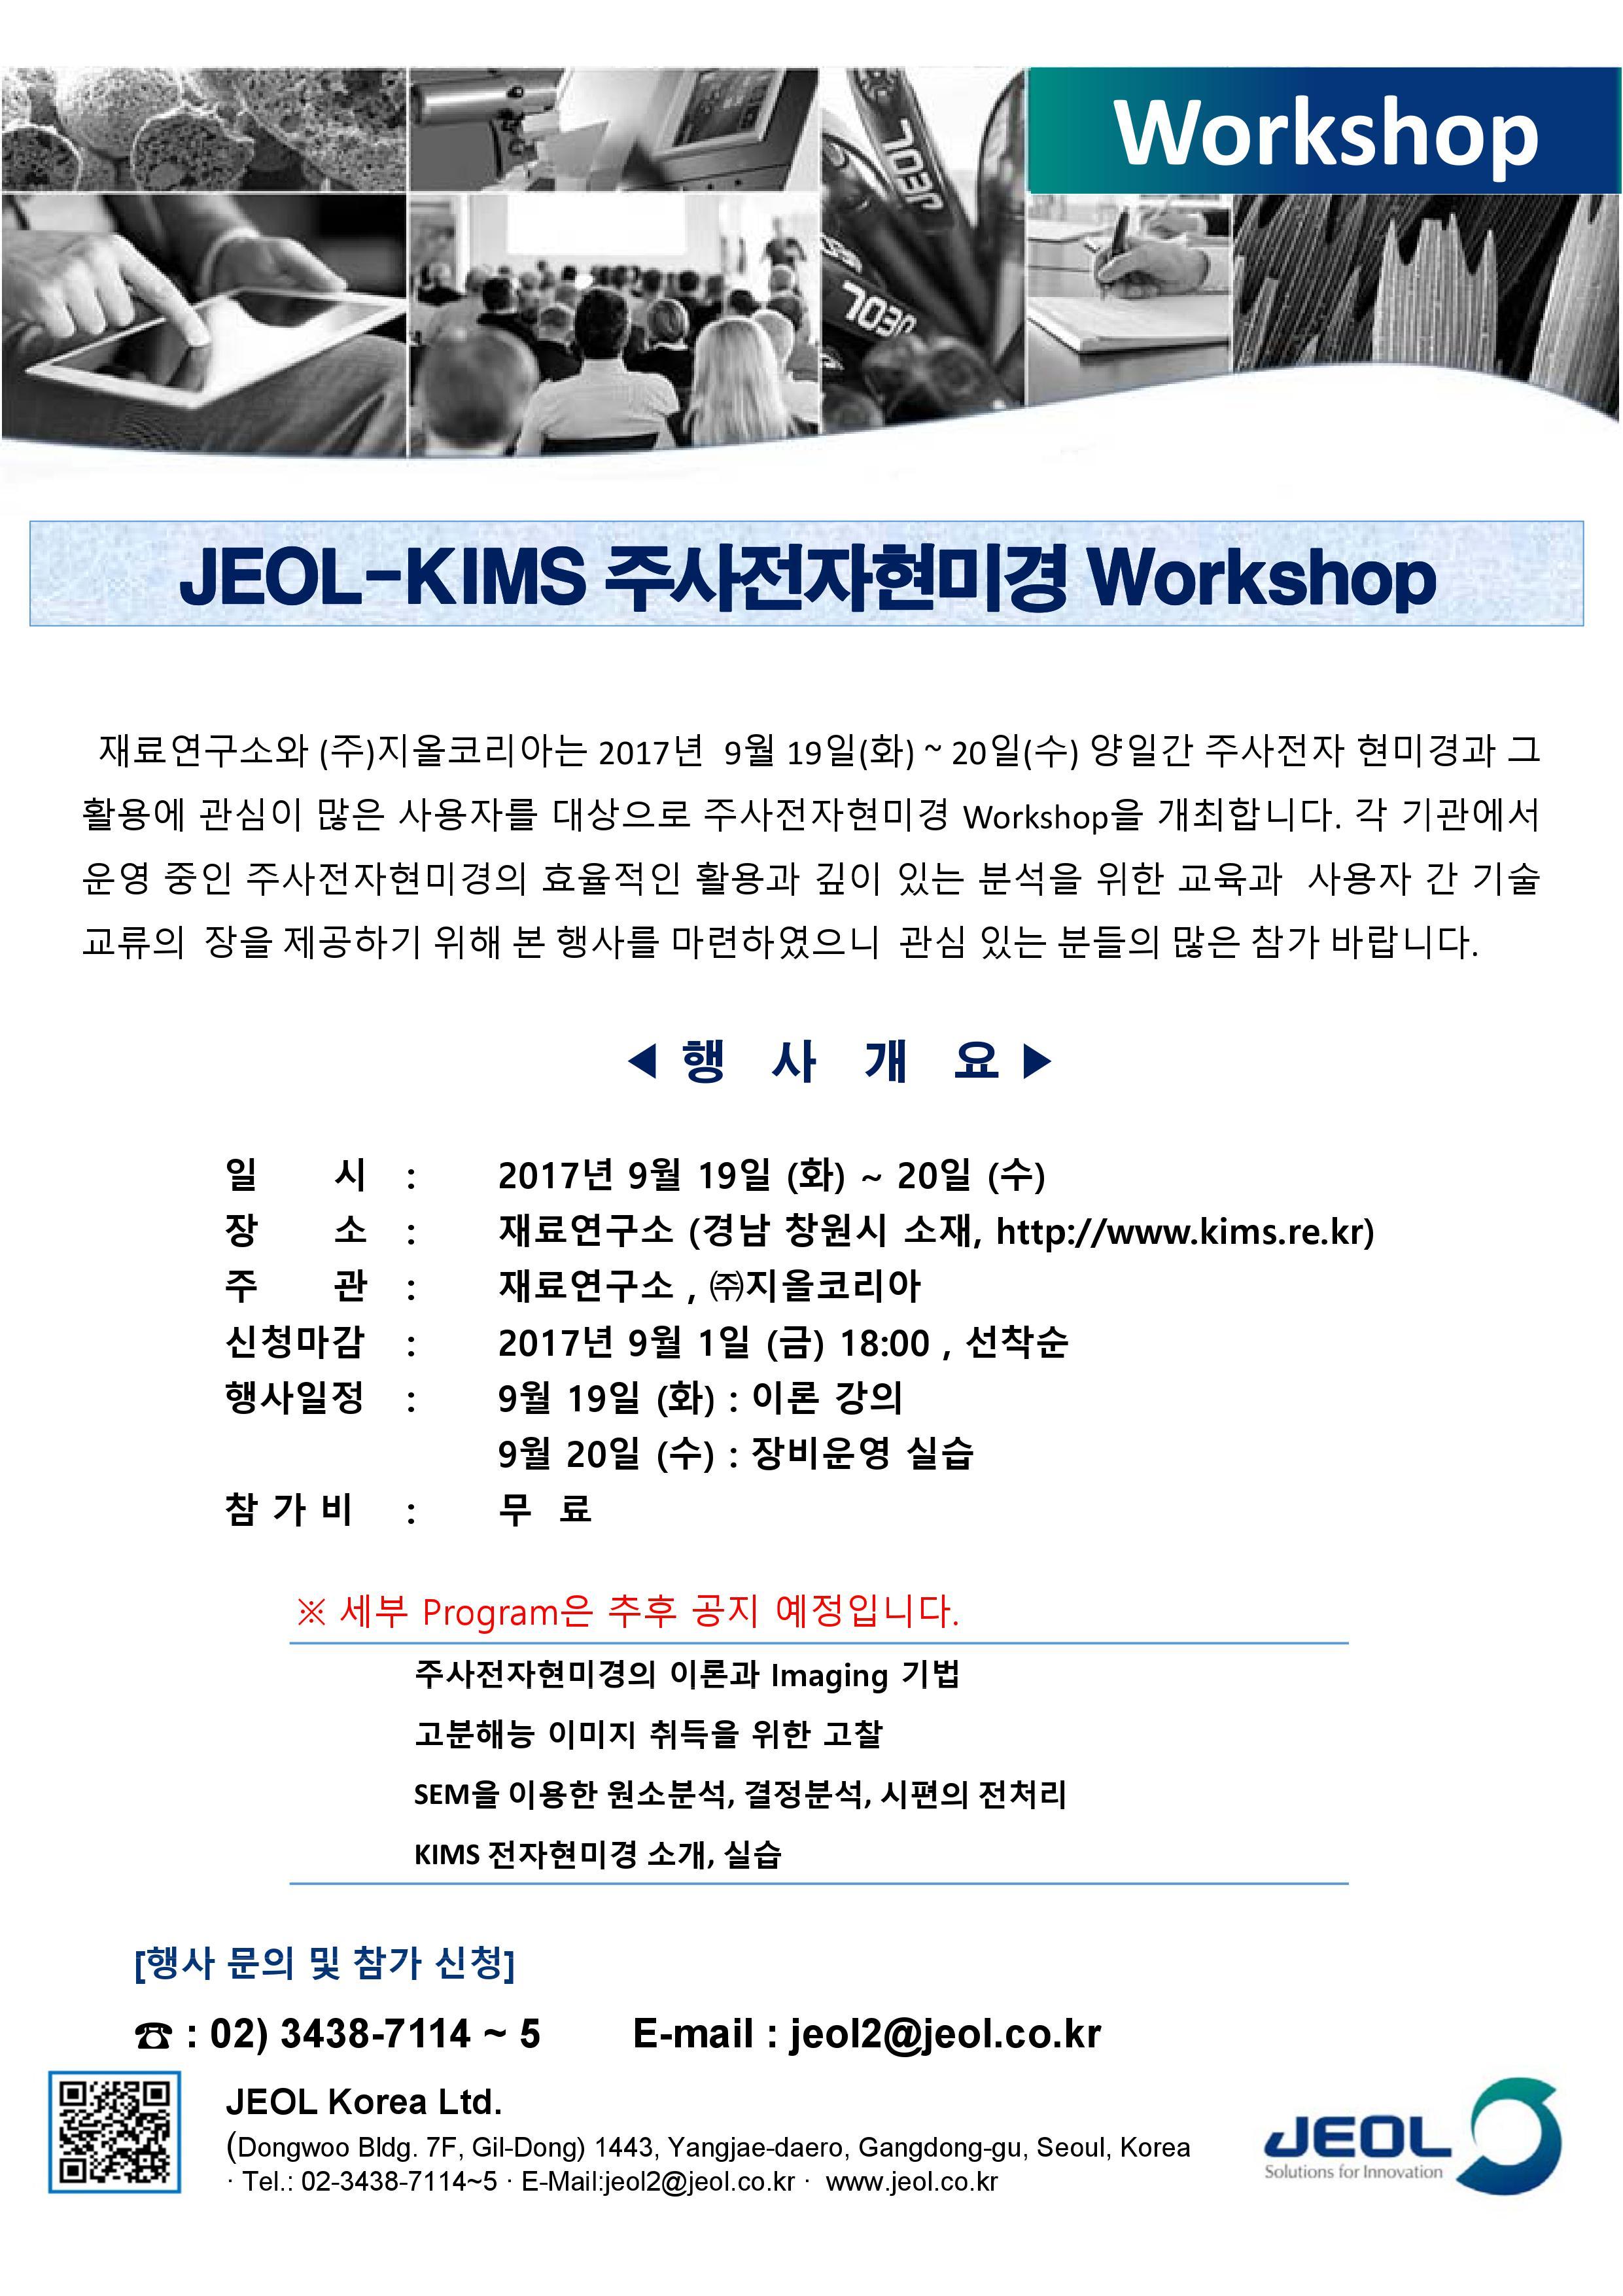 [(주)지올코리아] JEOL-KIMS 주사전자현미경 Workshop 안내_170919-20.jpg